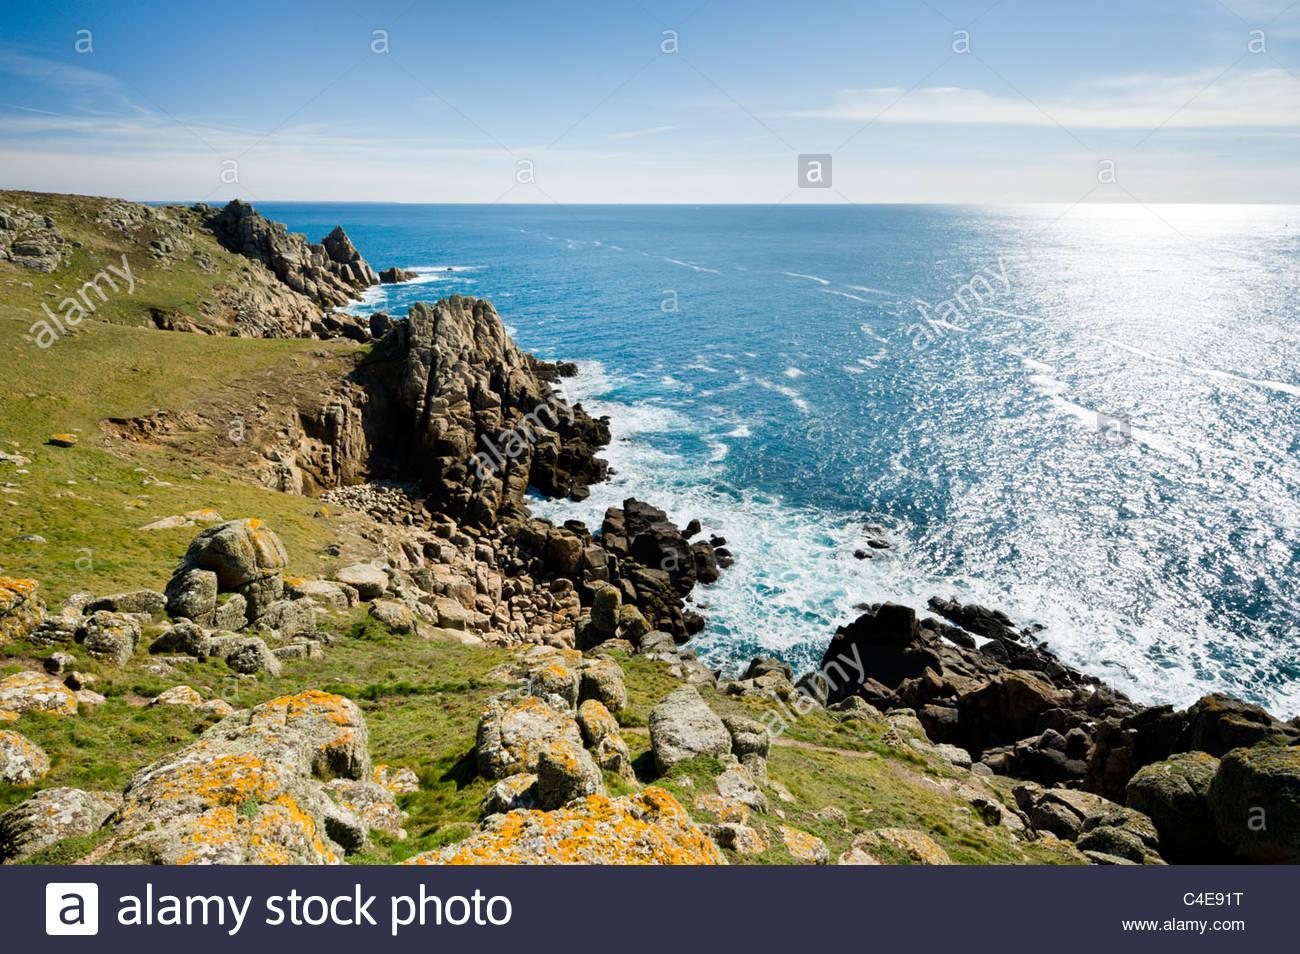 La escarpada costa en cabeza, Península de Penwith Gwennap, al oeste de Cornualles. Imagen De Stock